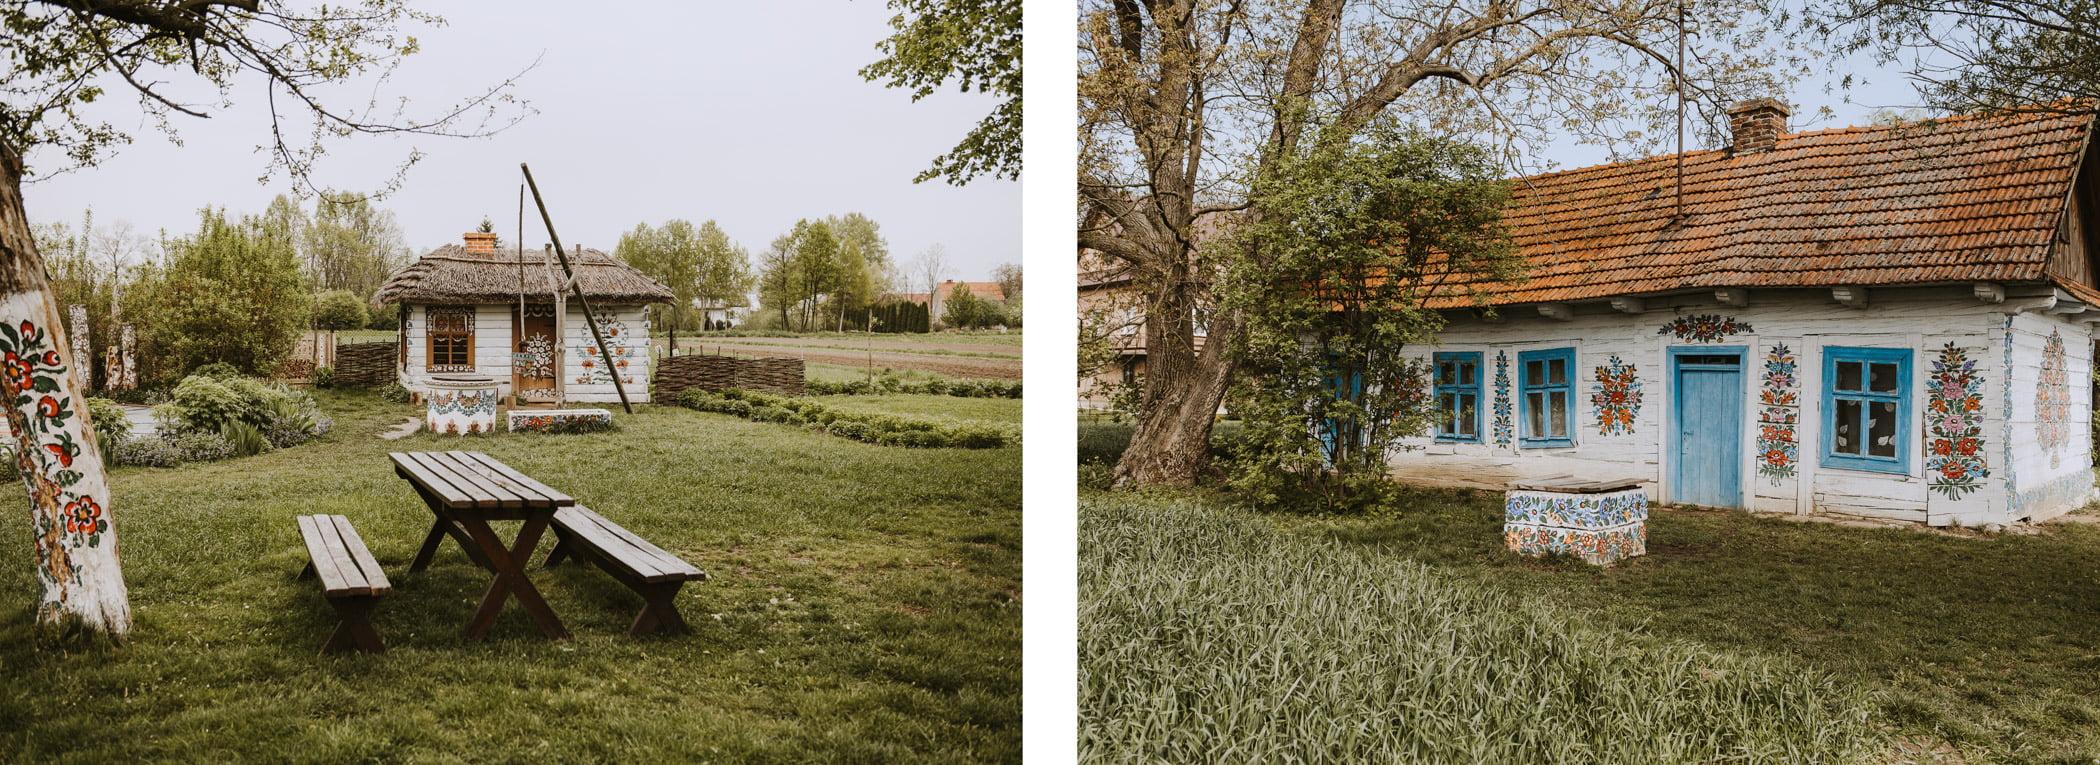 Malownicze wsie wPolsce - Zalipie